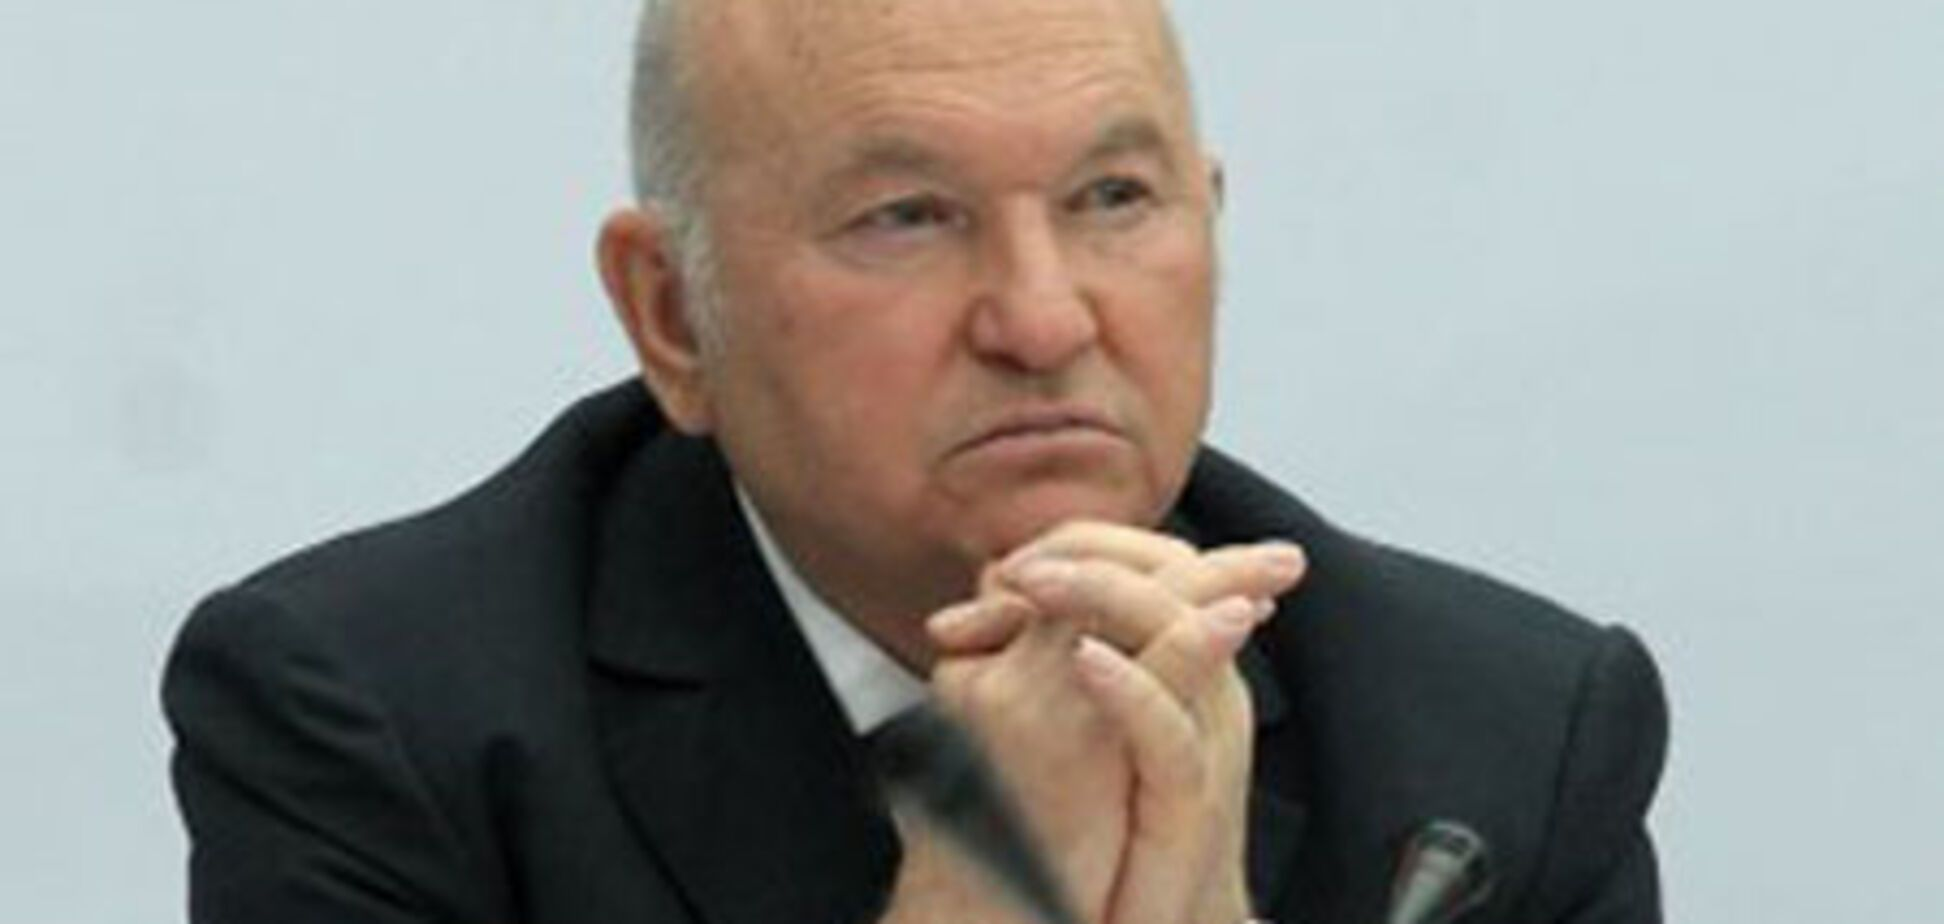 Лужкову захотілося вид на проживання в Латвії